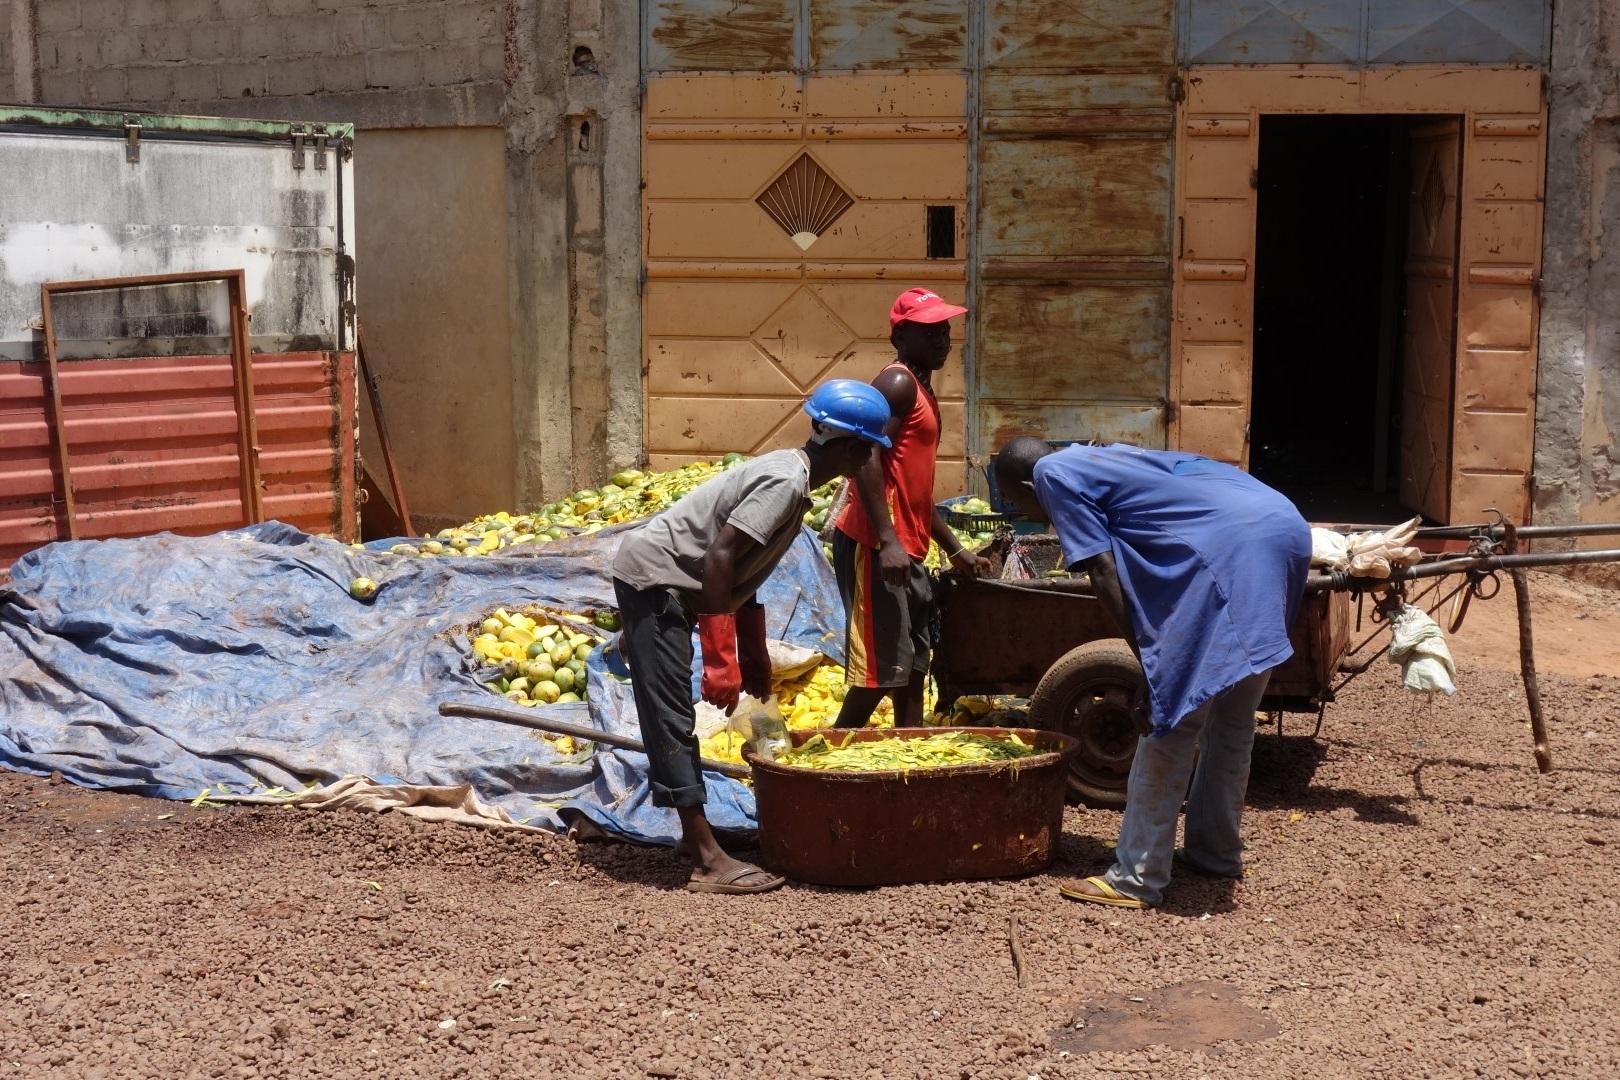 Veel ander fruit gaat hier ook verloren, tot meer dan 50%! Dat komt omdat we het nog niet lokaal kunnen verwerken. Verlies aan inkomen en veel onnodige Co2 uitstoot…. -